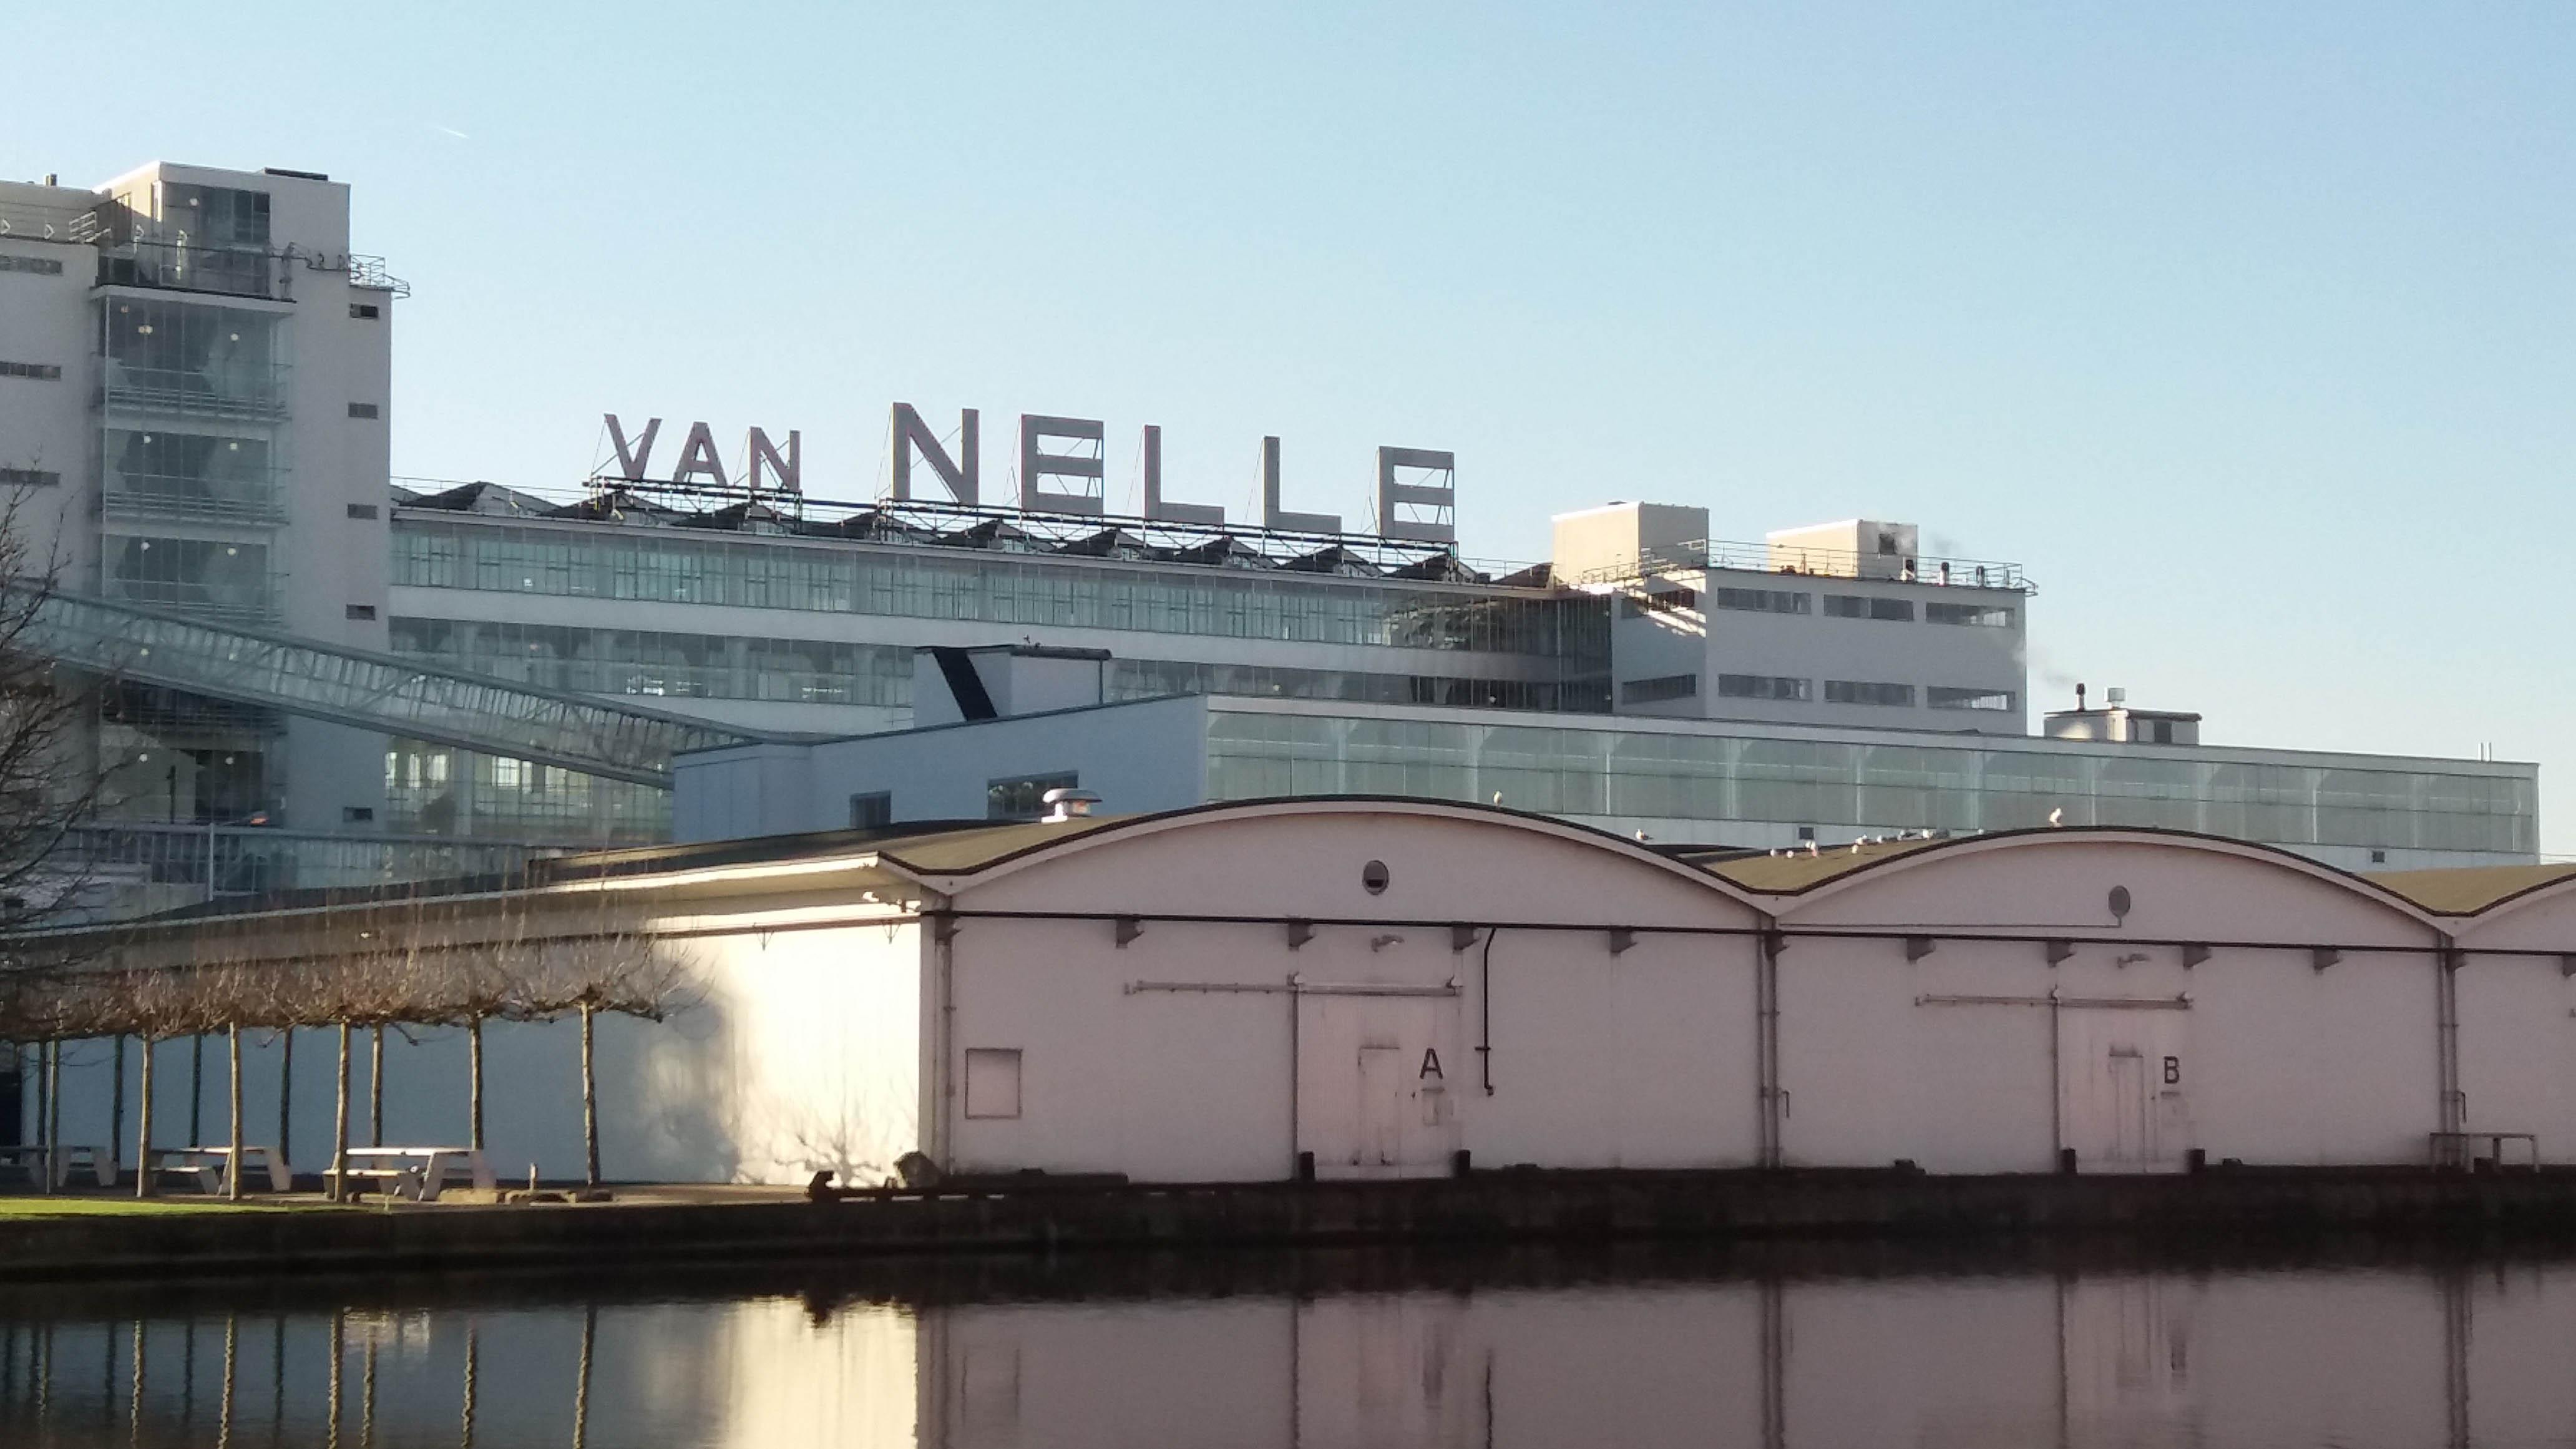 Van Nelle sign